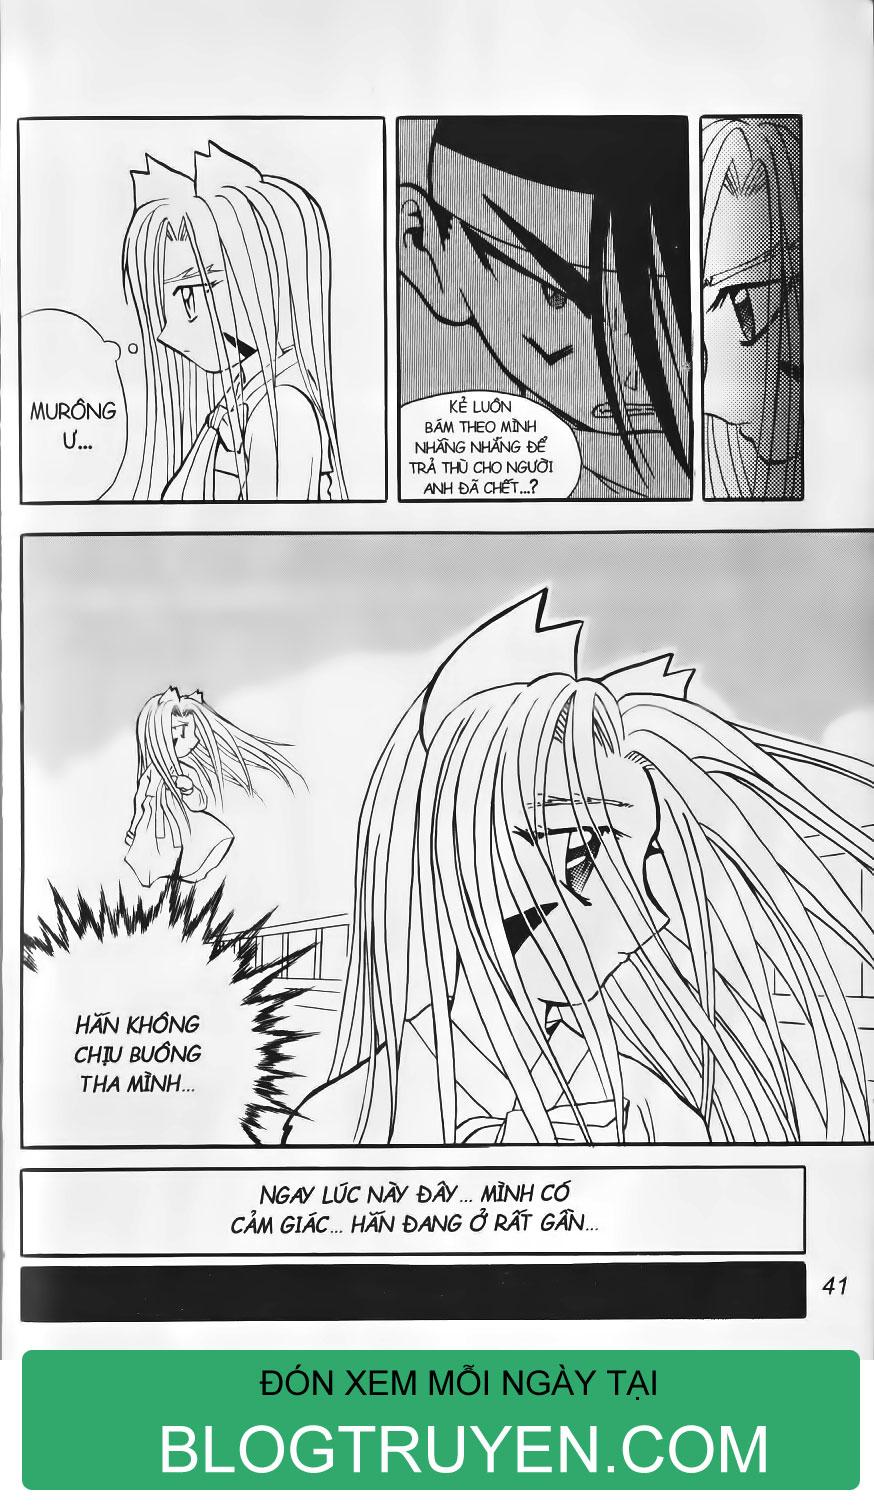 Hội pháp sư chap 07-a trang 4